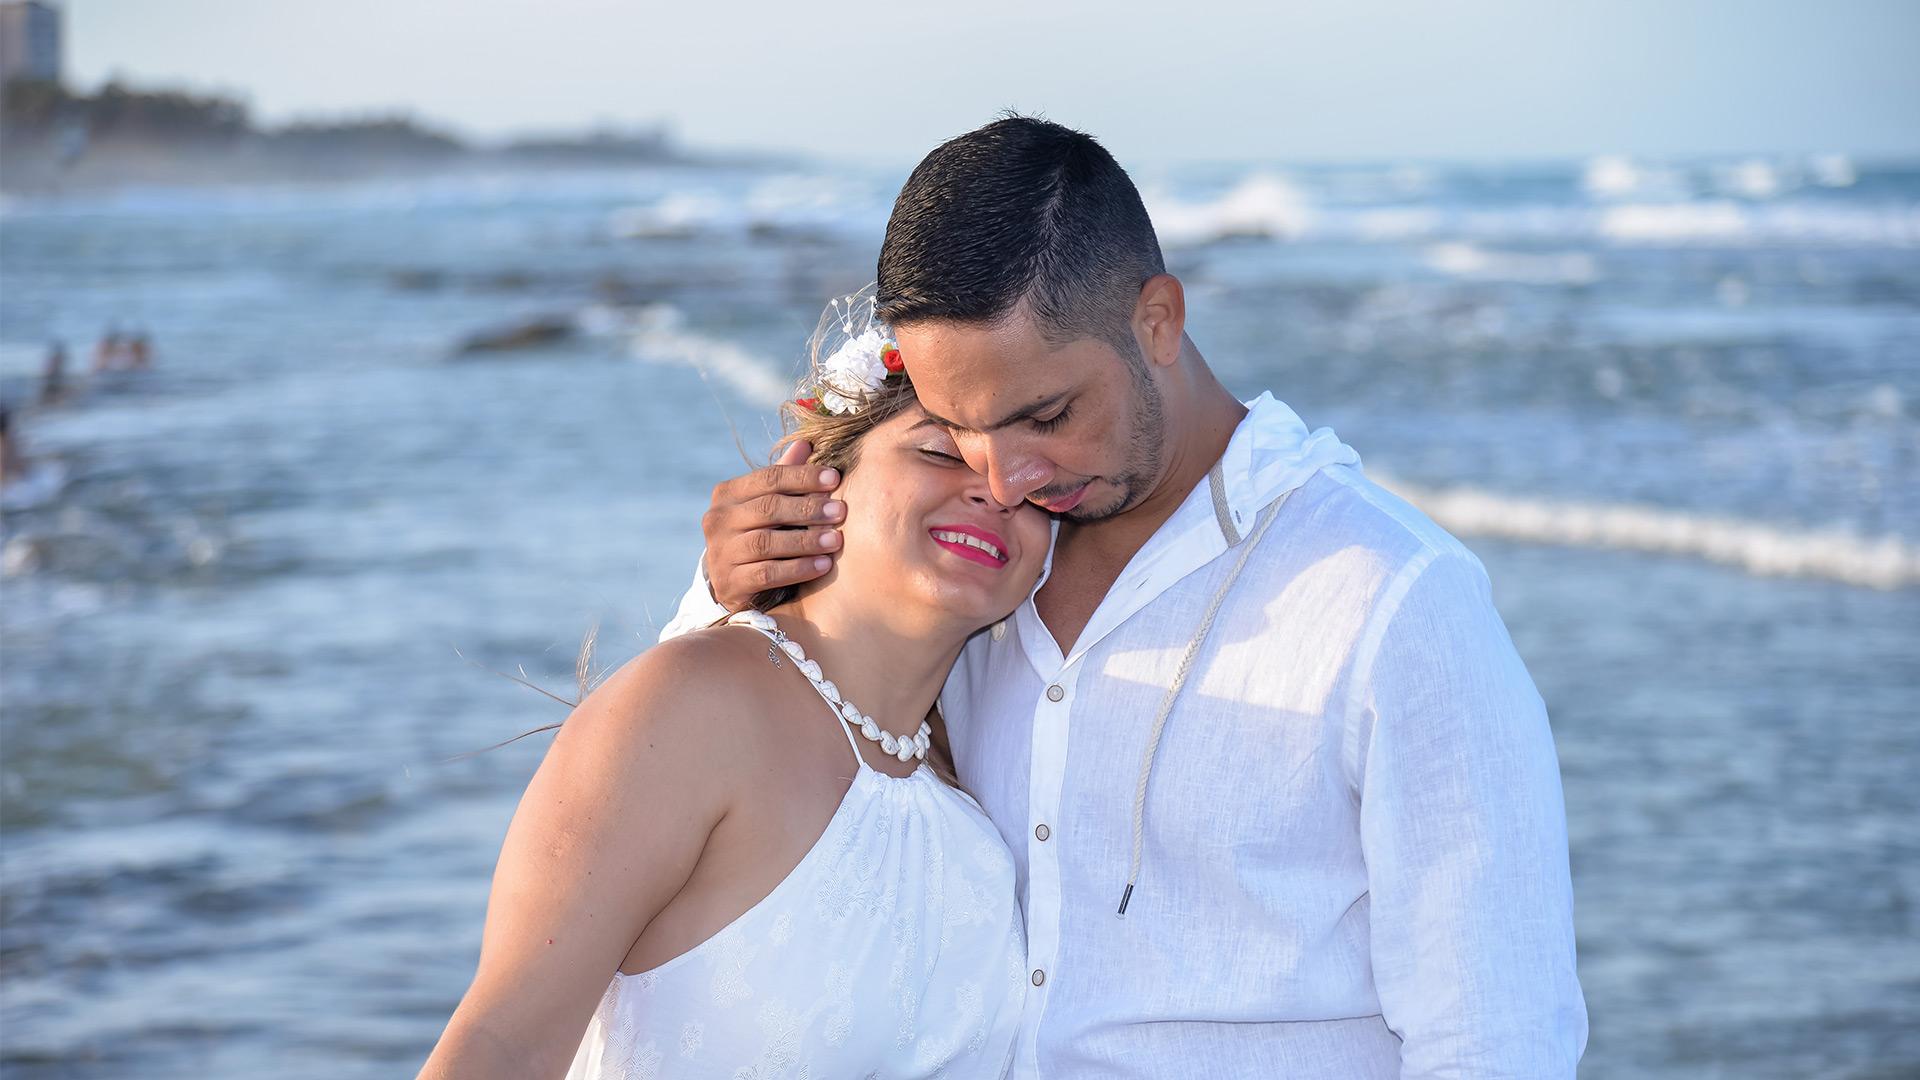 Casal de noivos abraçados na praia